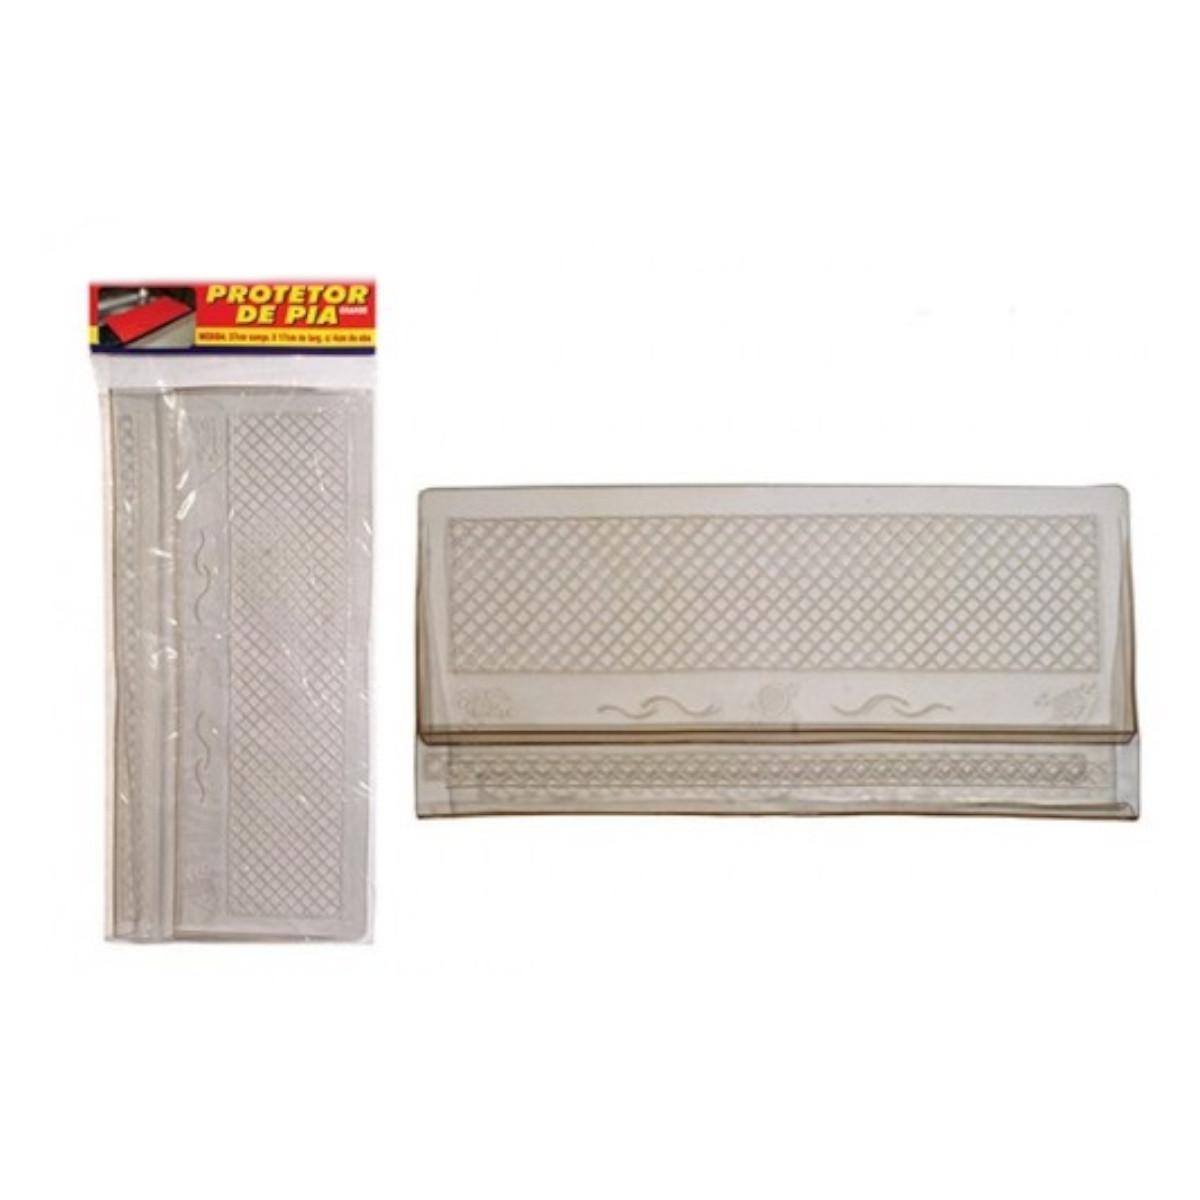 Tapete protetor de pia de cozinha com encaixe